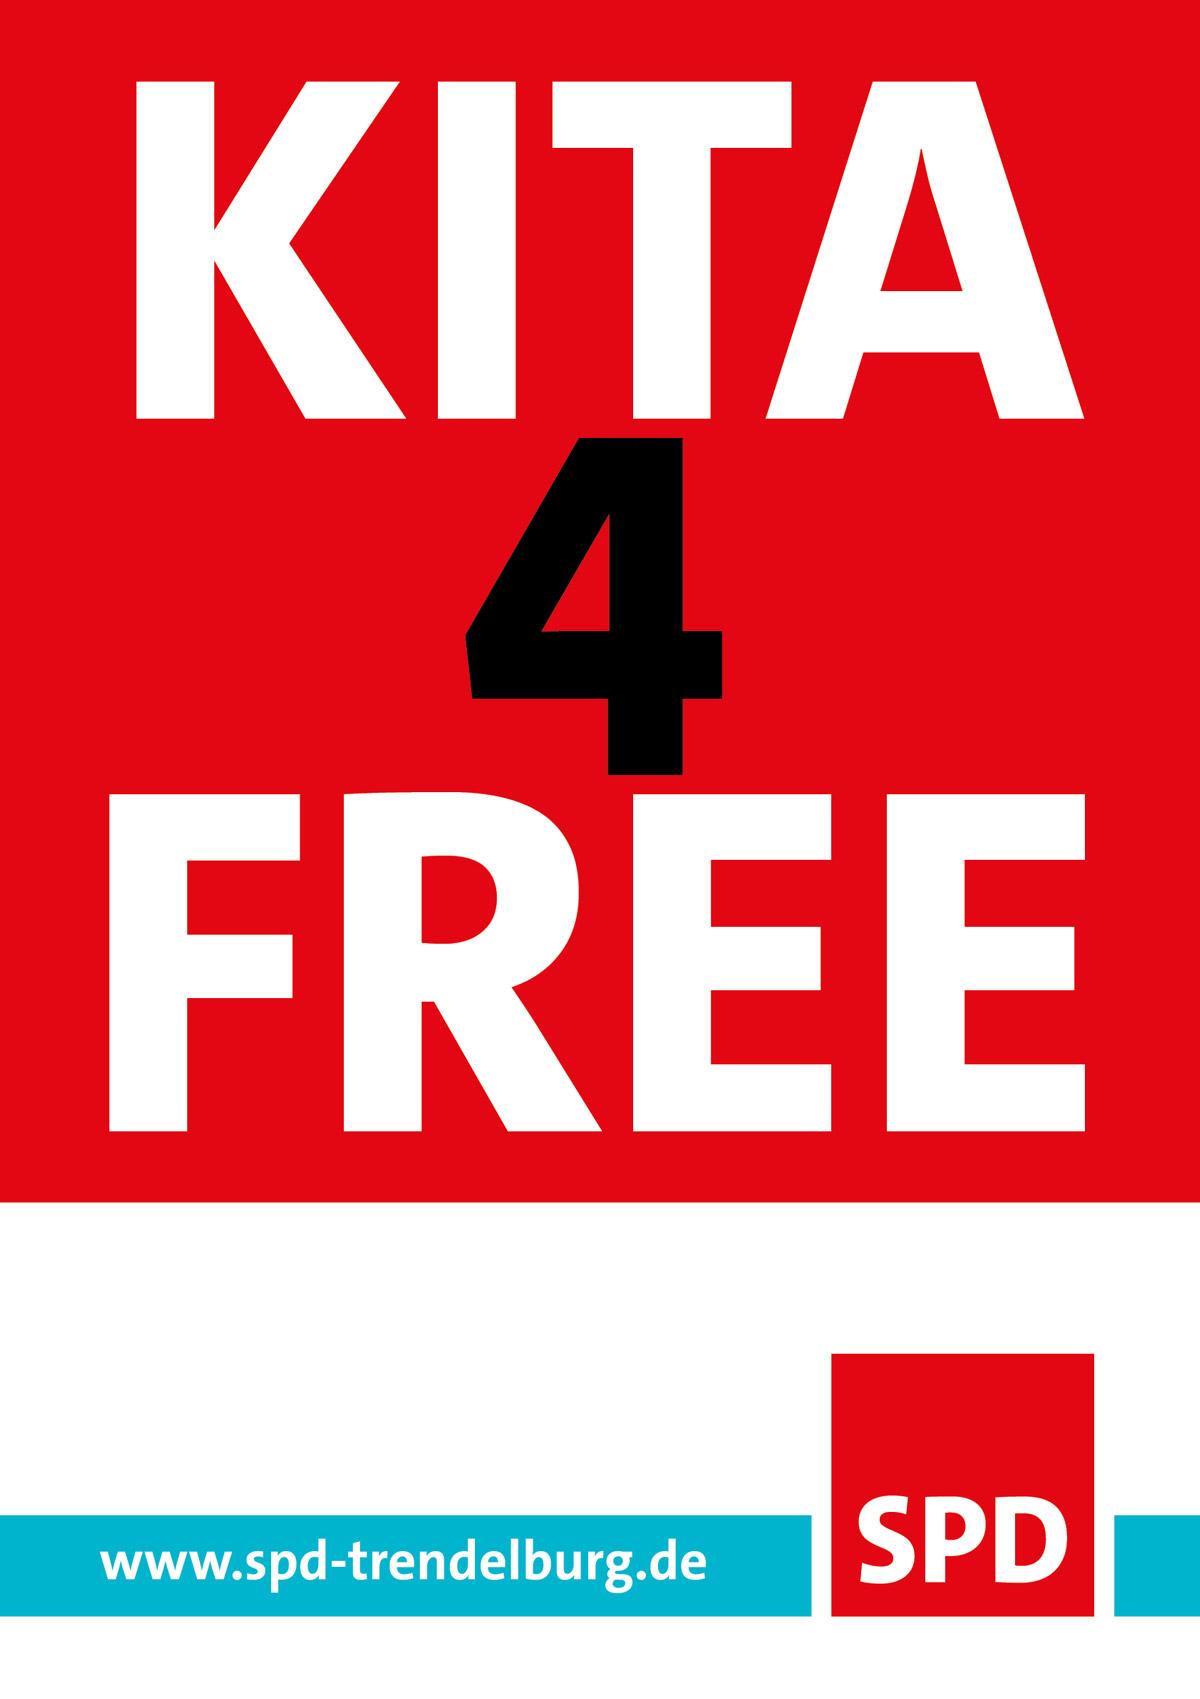 KITA 4 FREE